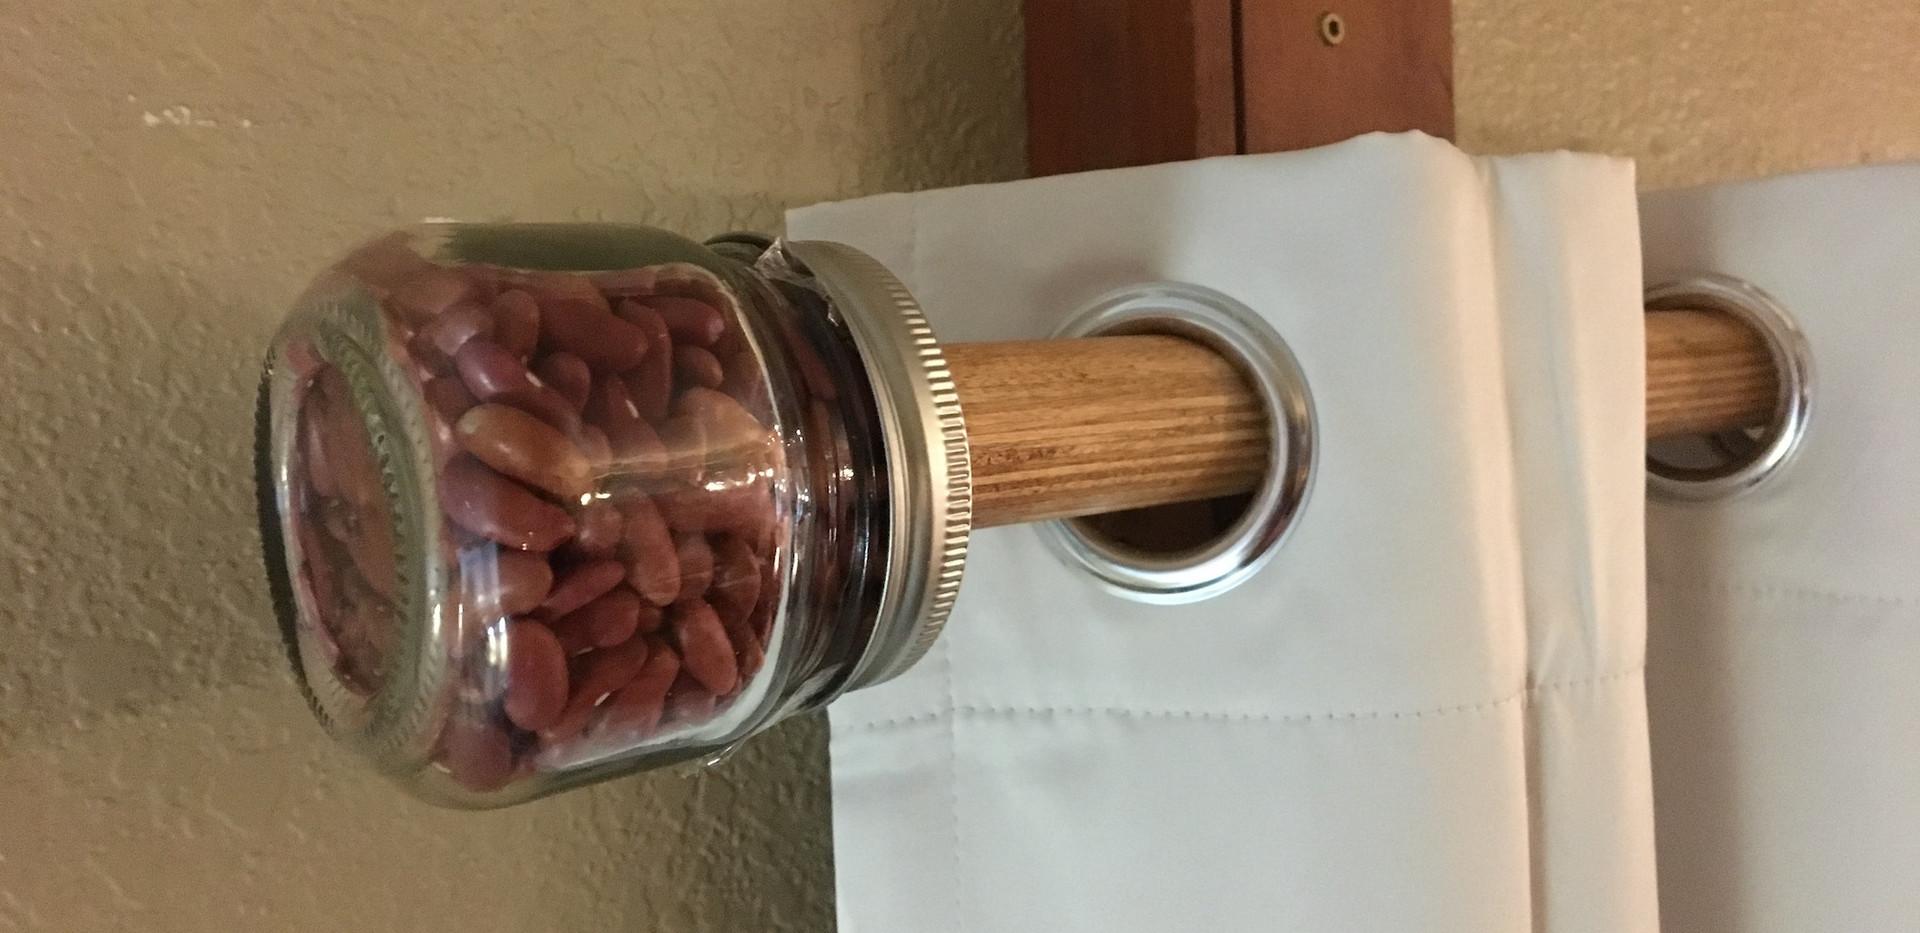 Kidney bean finial